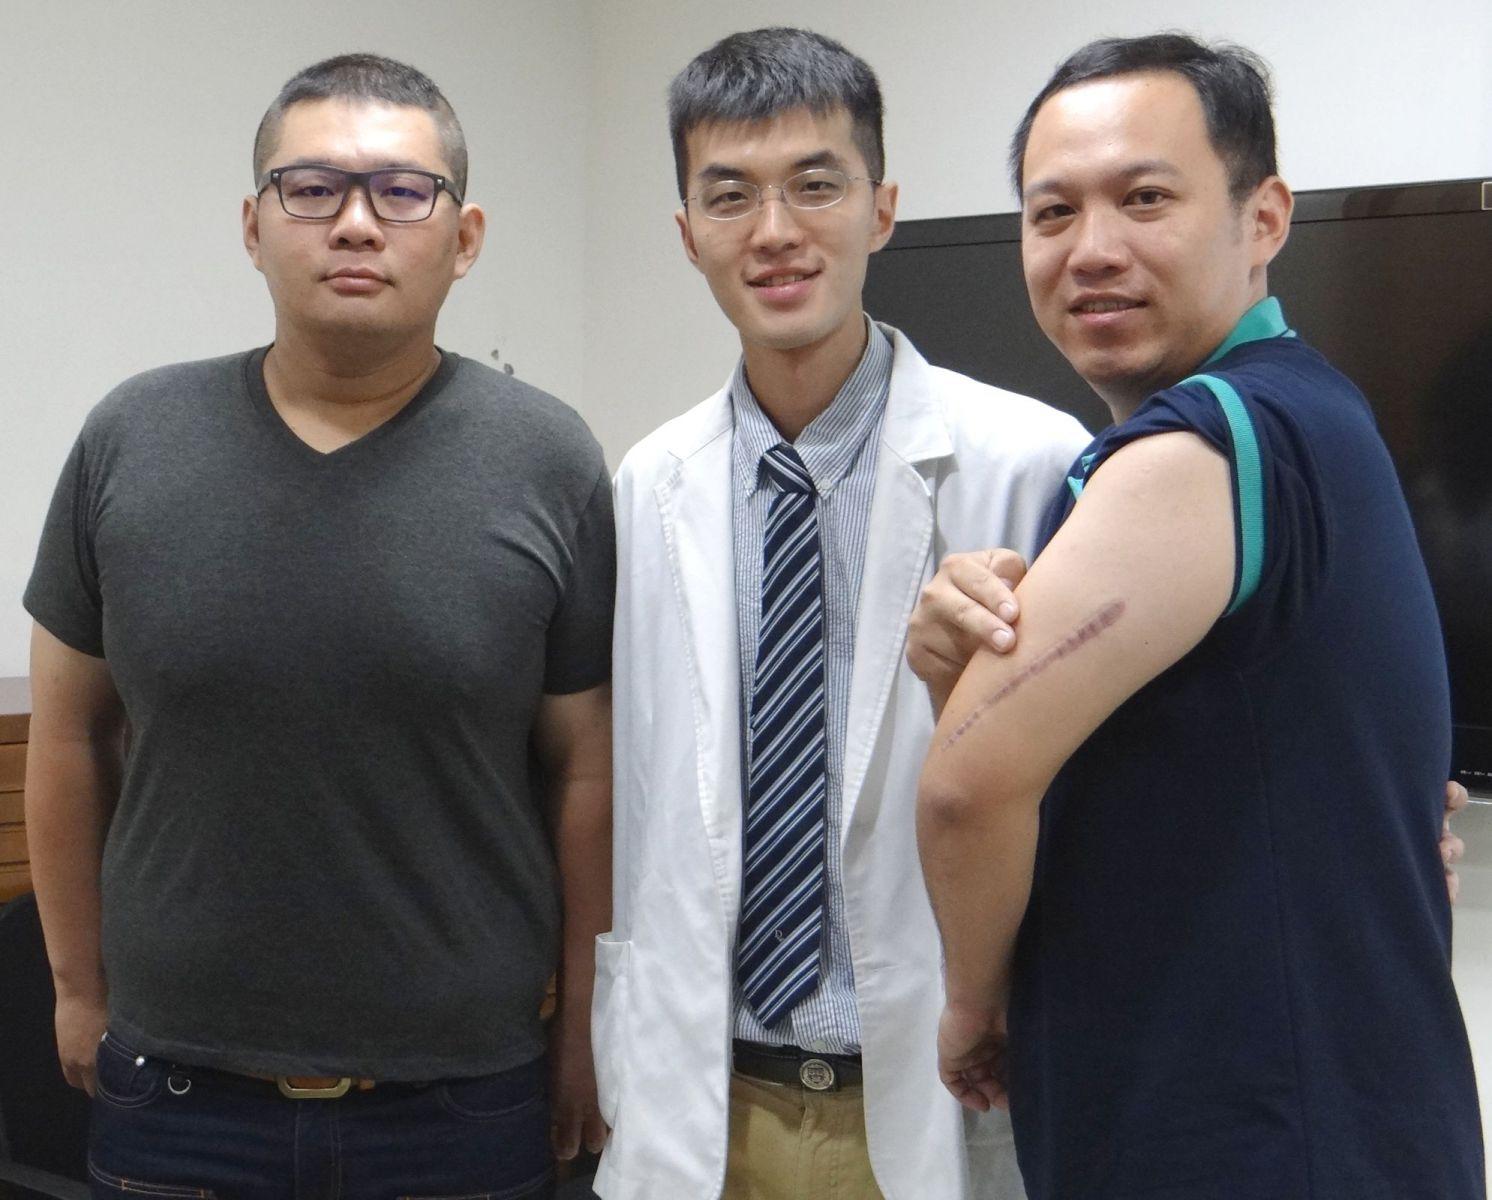 上圖:蘇炯睿醫師與兩名患者合影